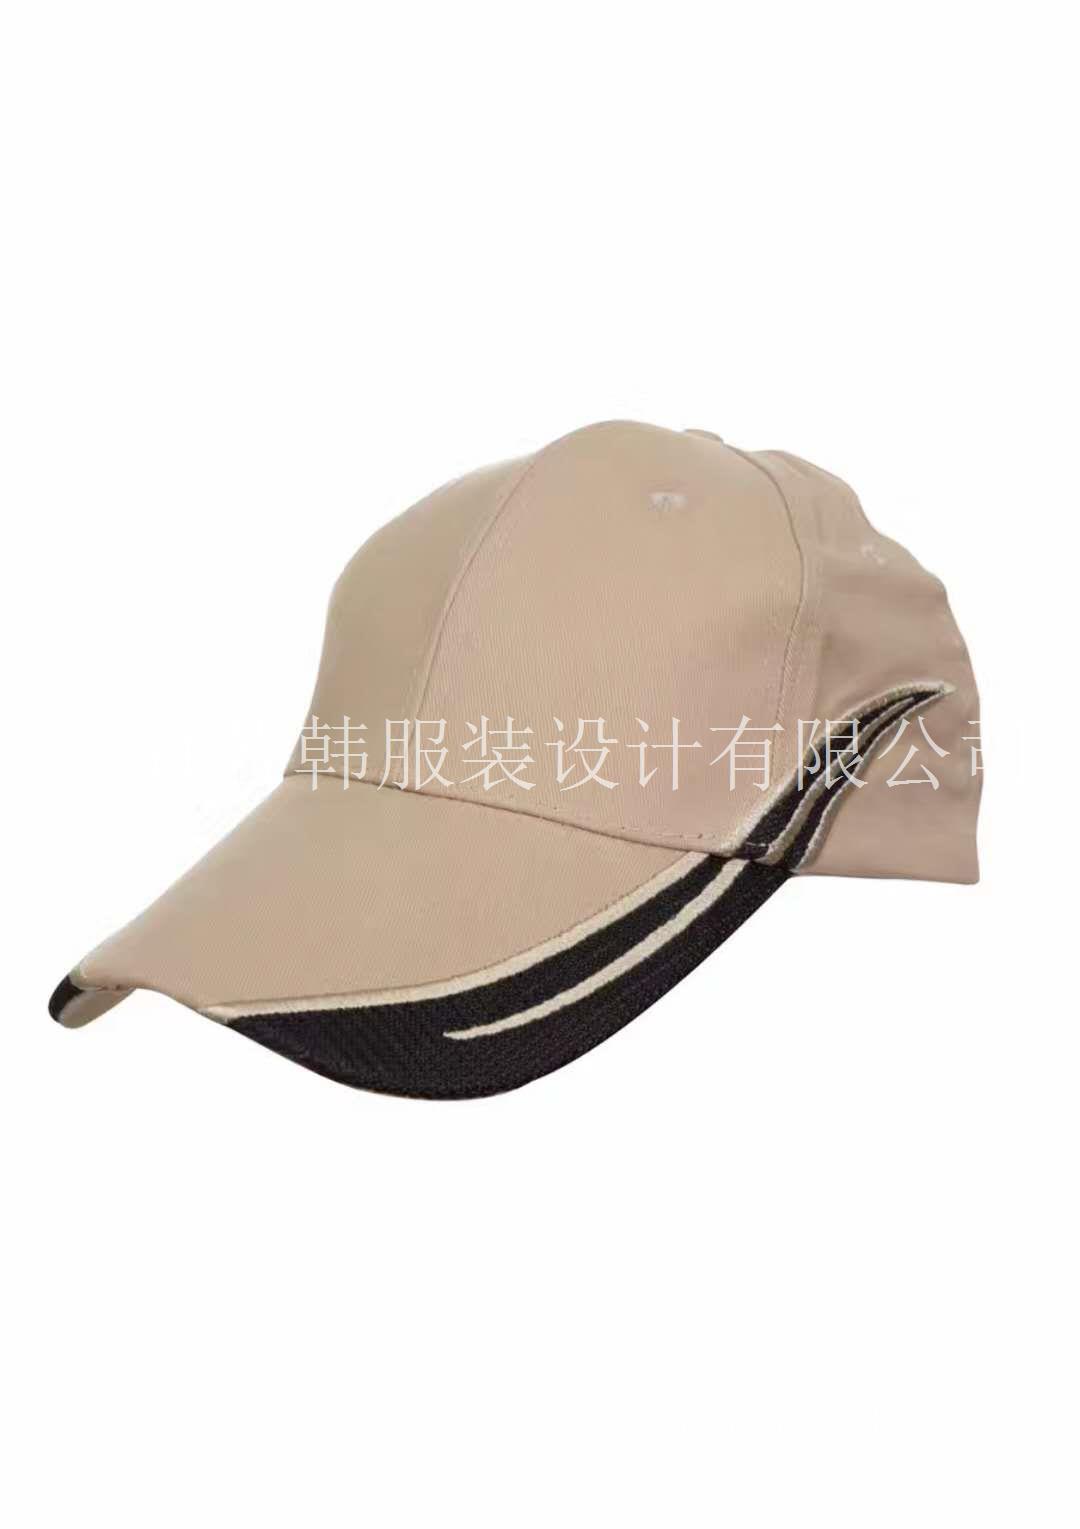 上海帽子订做电话